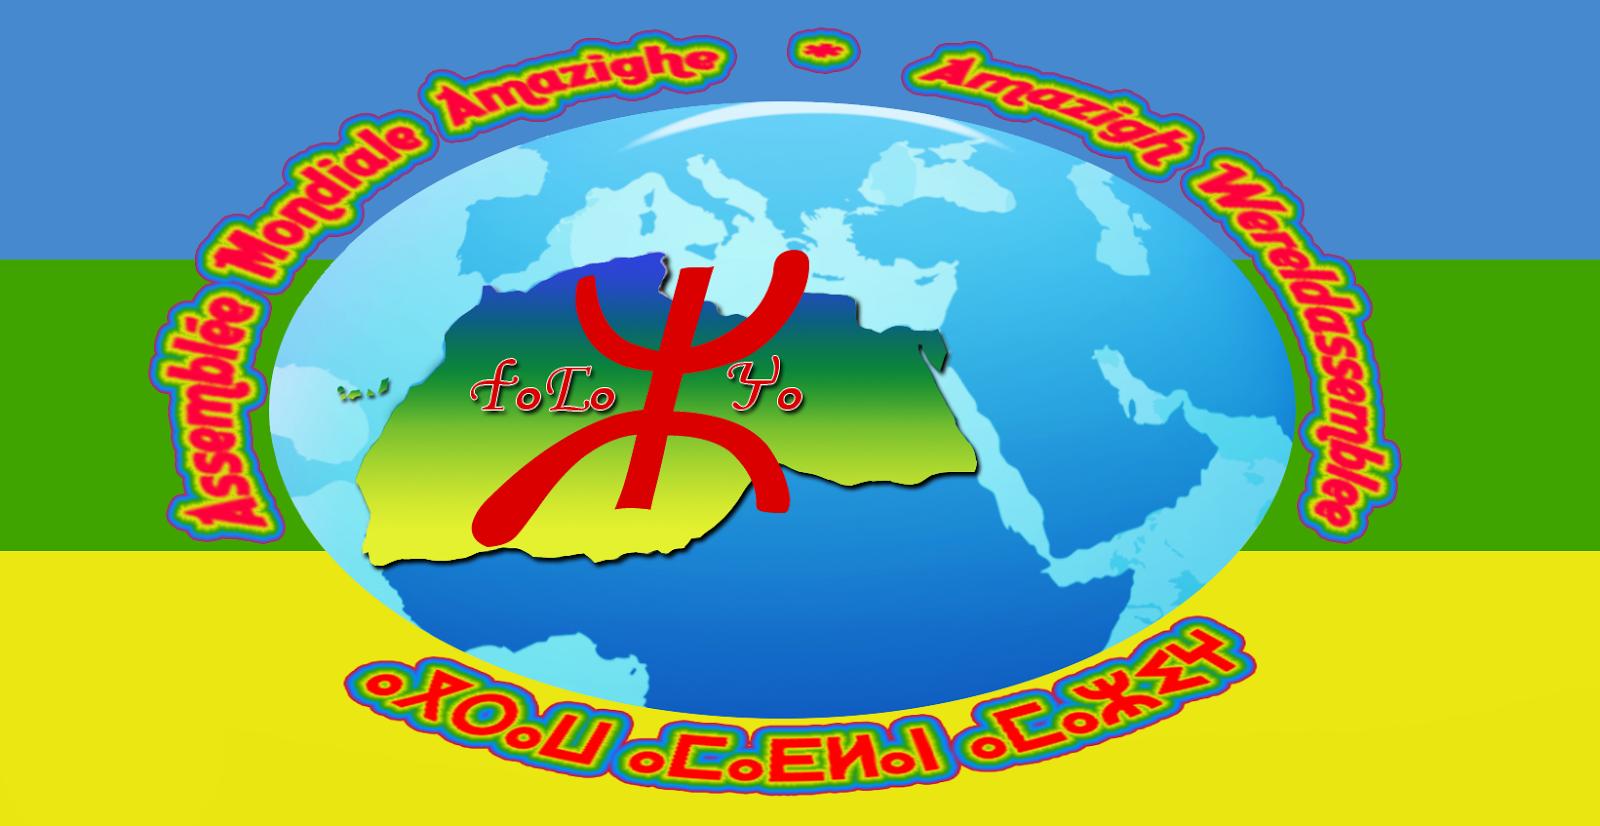 التجمع العالمي الأمازيغي المغرب يراسل رئيس الحكومة  حول الواقع المزري للأمازيغية المتسم بالعنصرية طيلة ولاية حكومته